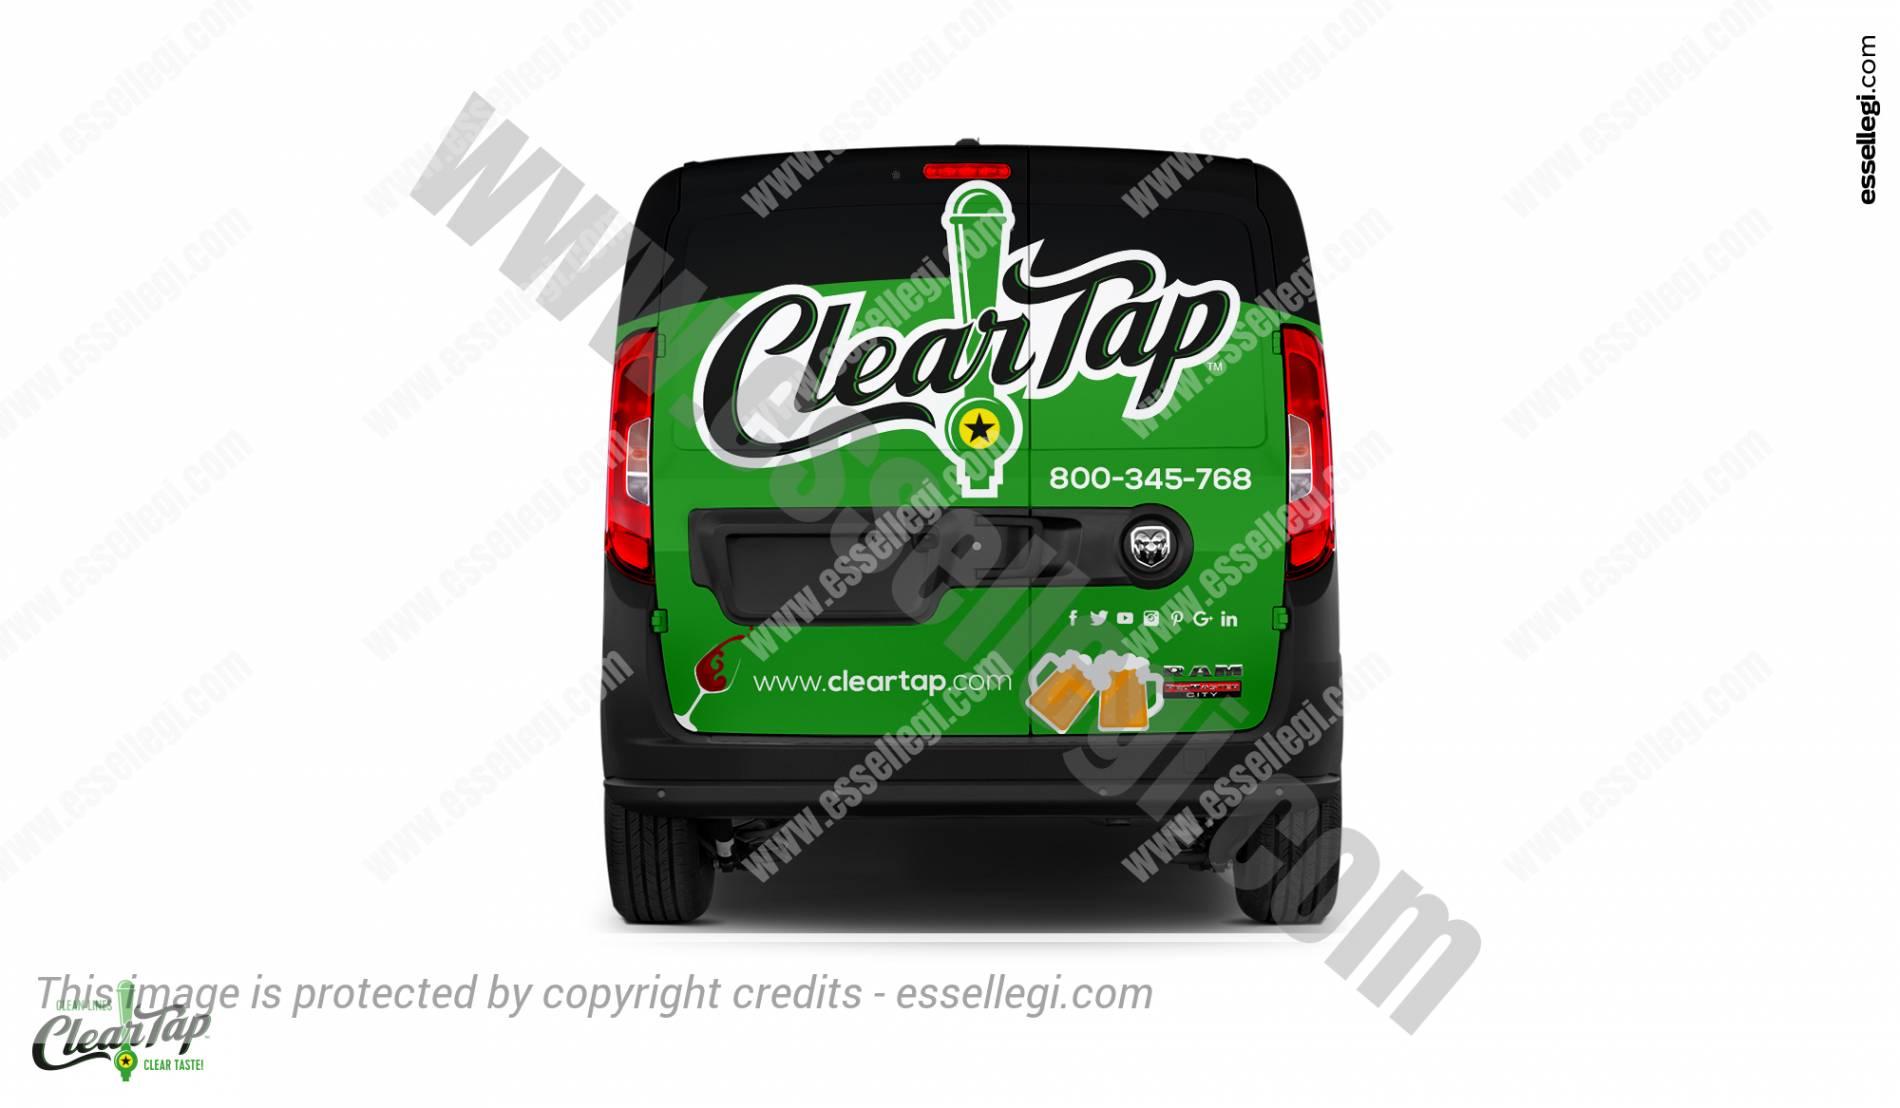 Dodge Ram ProMaster City | Van Wrap Design by Essellegi.Van Signs, Van Signage, Van Wrapping, Van Signwriting, Van Wrap Designer, Signs for Van, Van Logo by Essellegi.